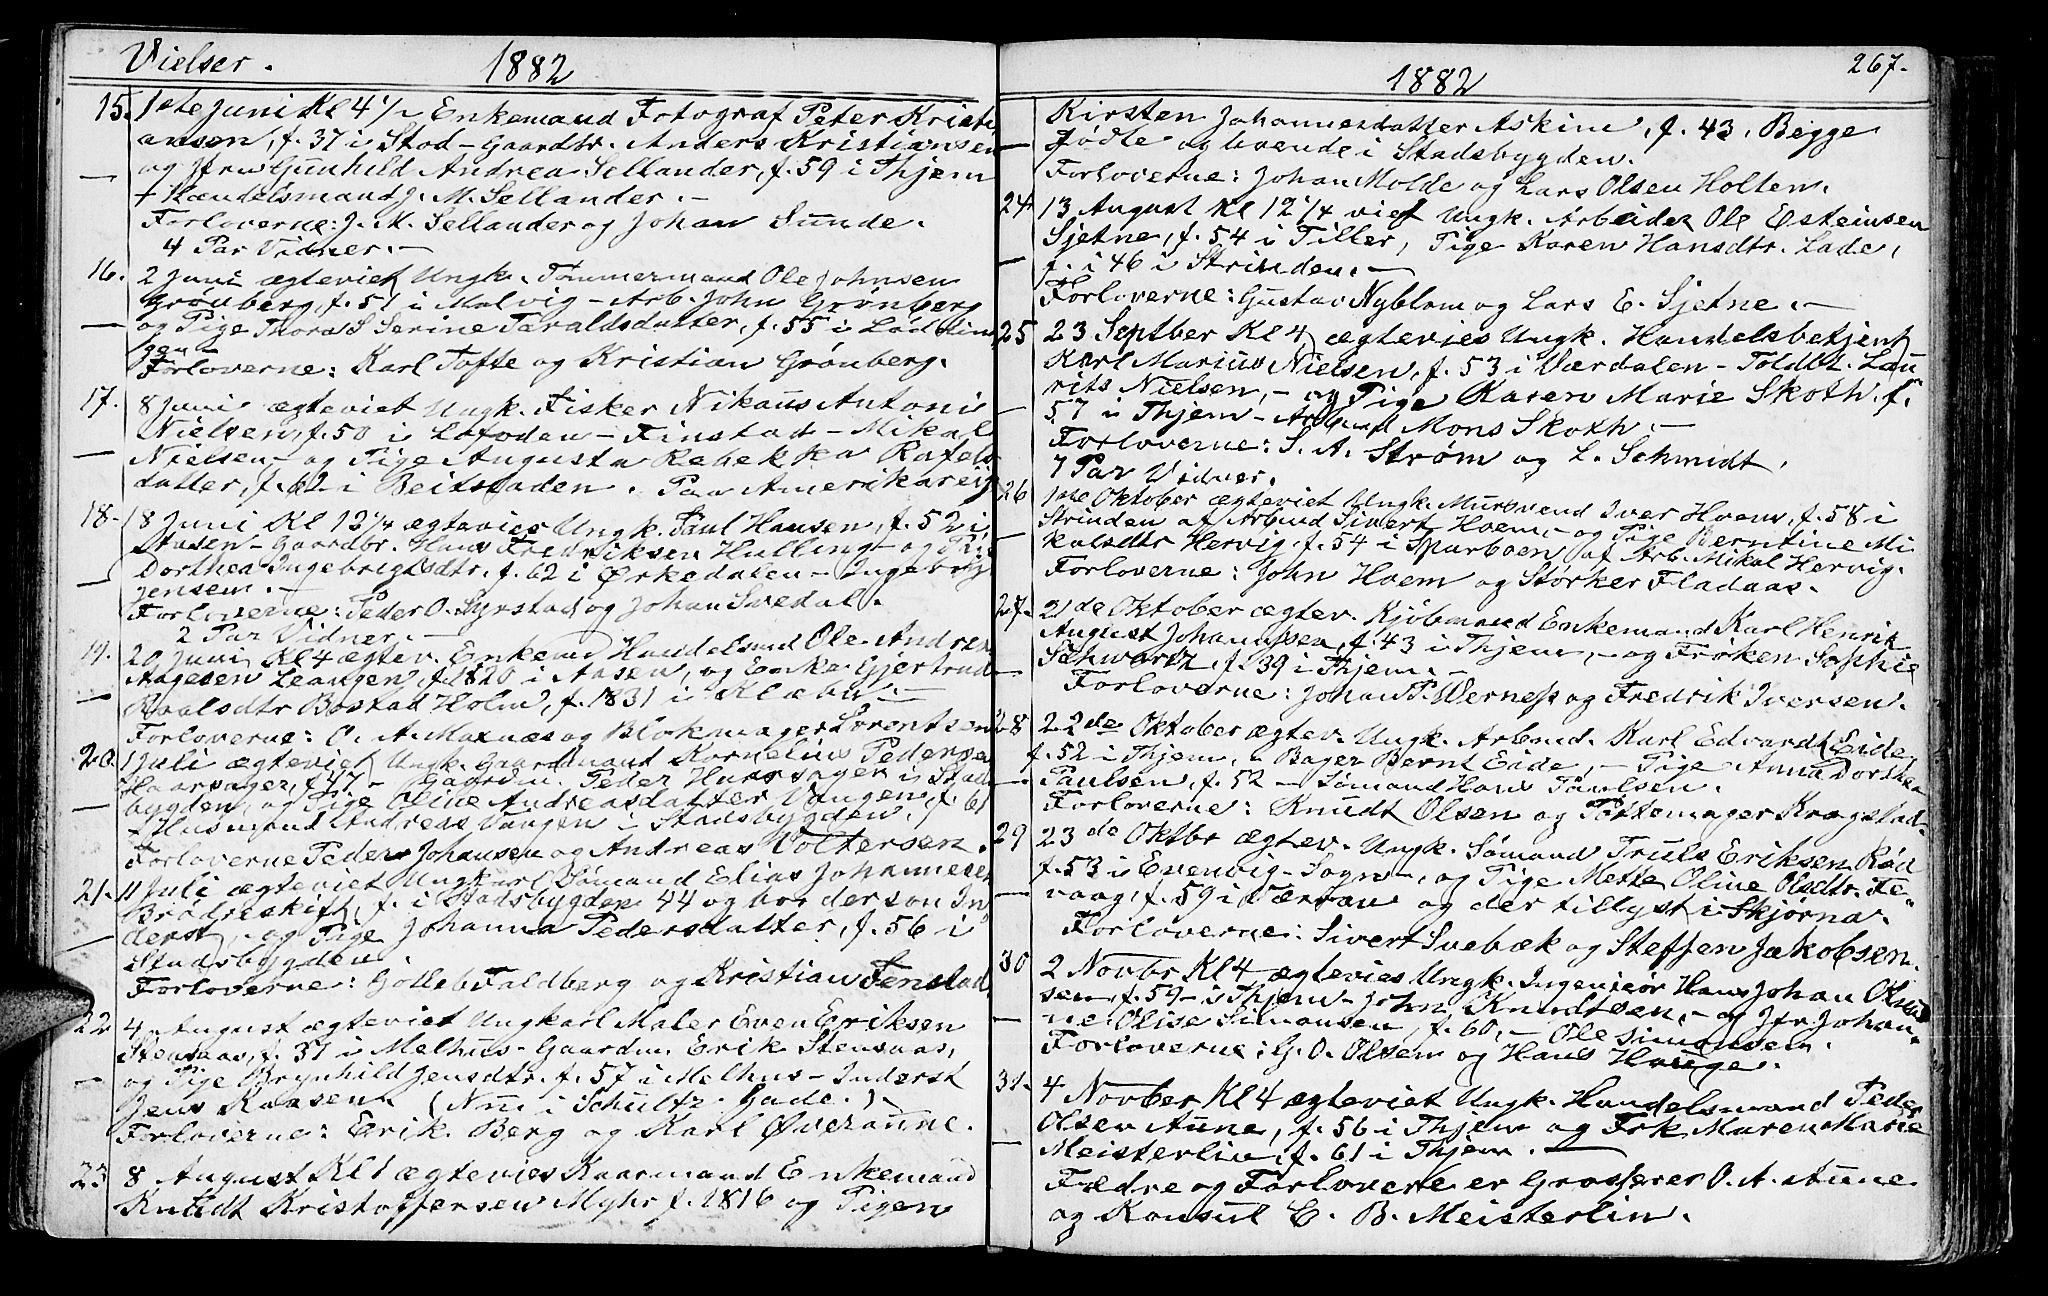 SAT, Ministerialprotokoller, klokkerbøker og fødselsregistre - Sør-Trøndelag, 602/L0142: Klokkerbok nr. 602C10, 1872-1894, s. 267